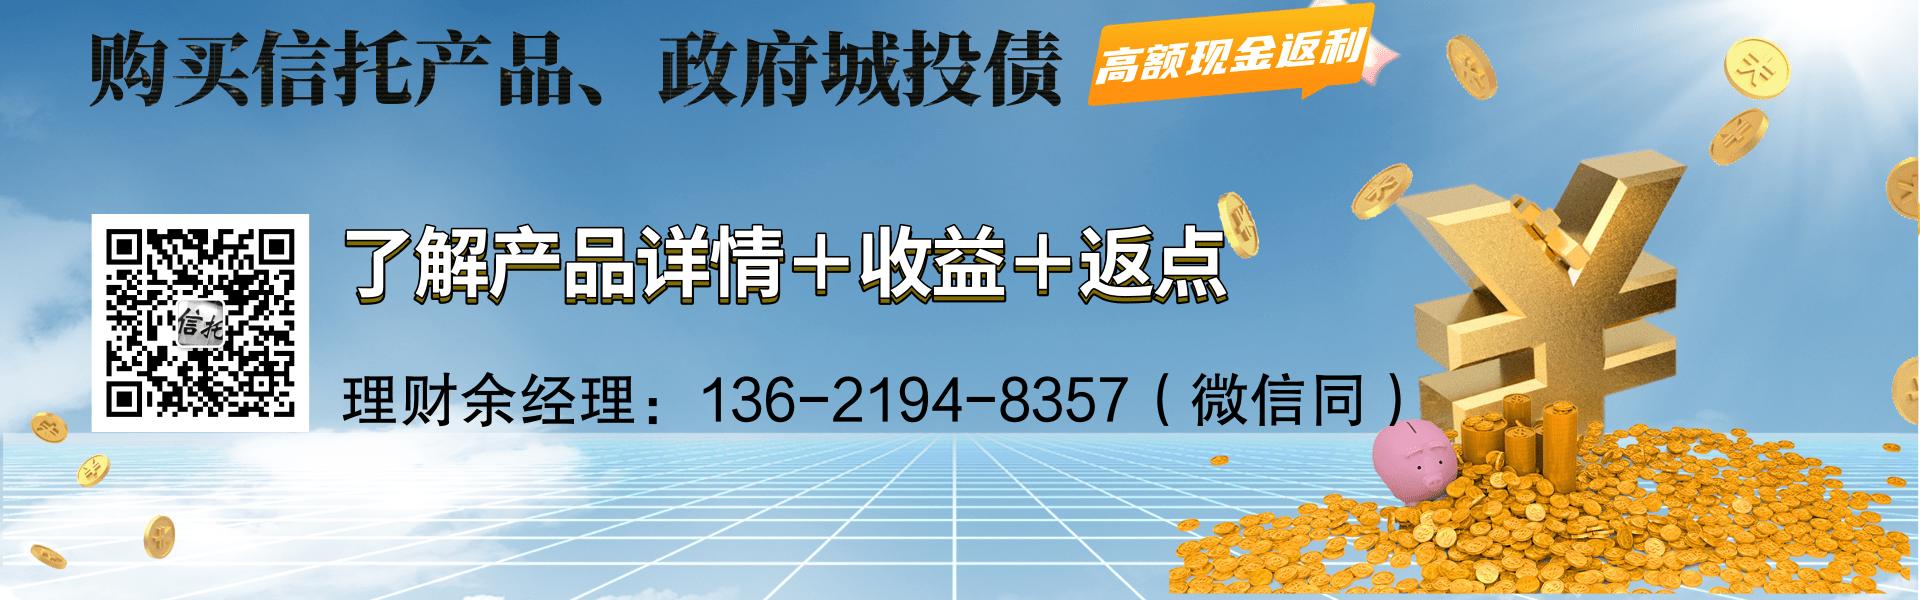 2020年大冶城投应收账款政信1号、2号